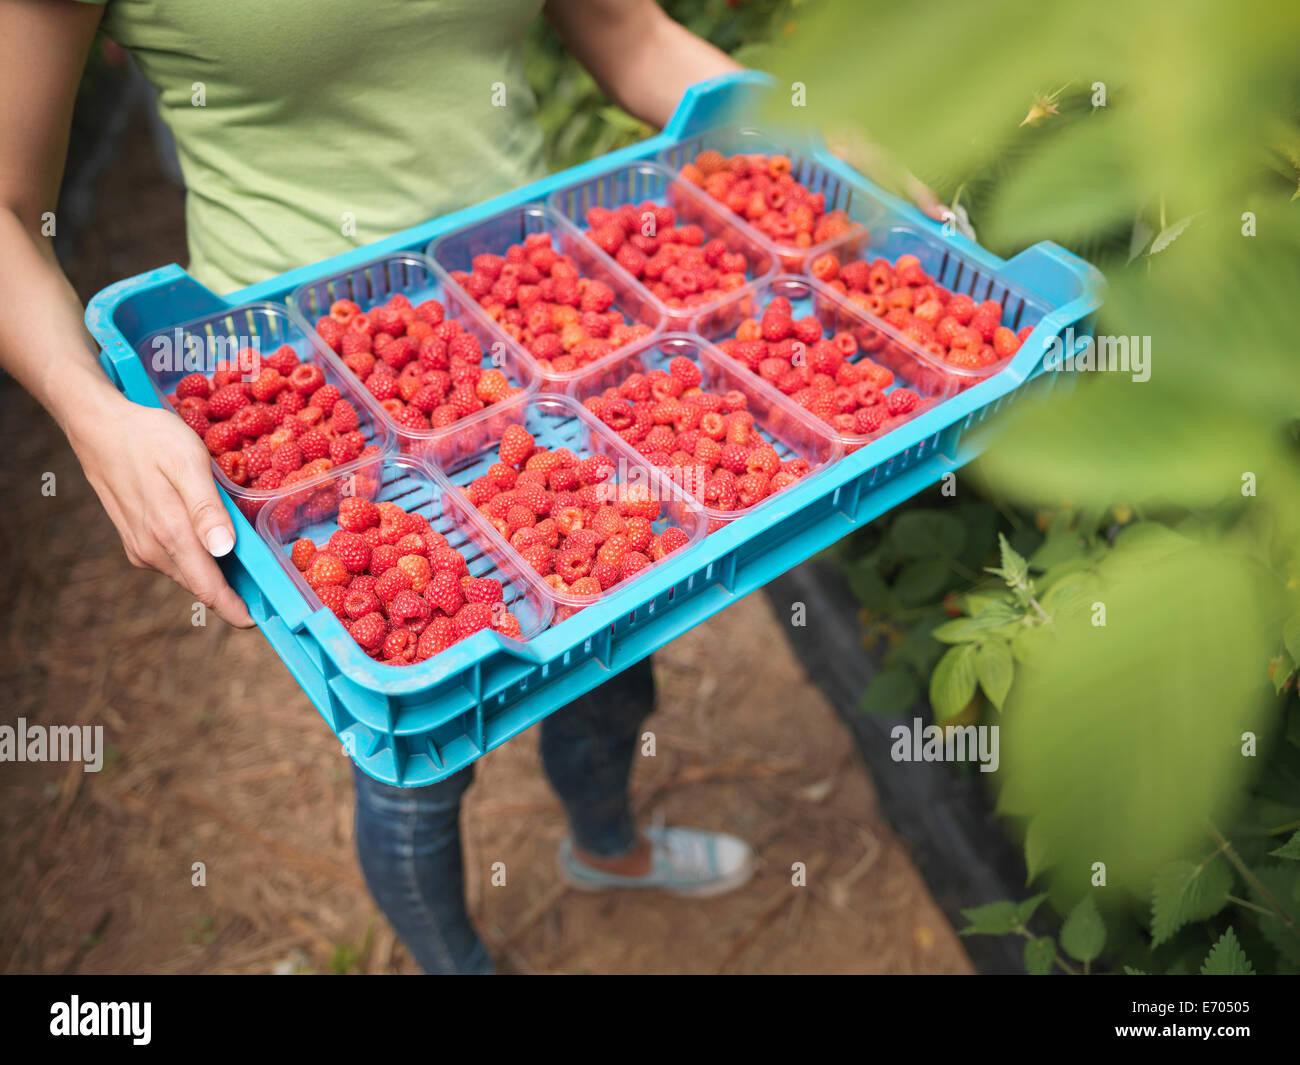 Bandeja de explotación del trabajador recién cosechadas frambuesas en punnets en granja de frutas Foto de stock